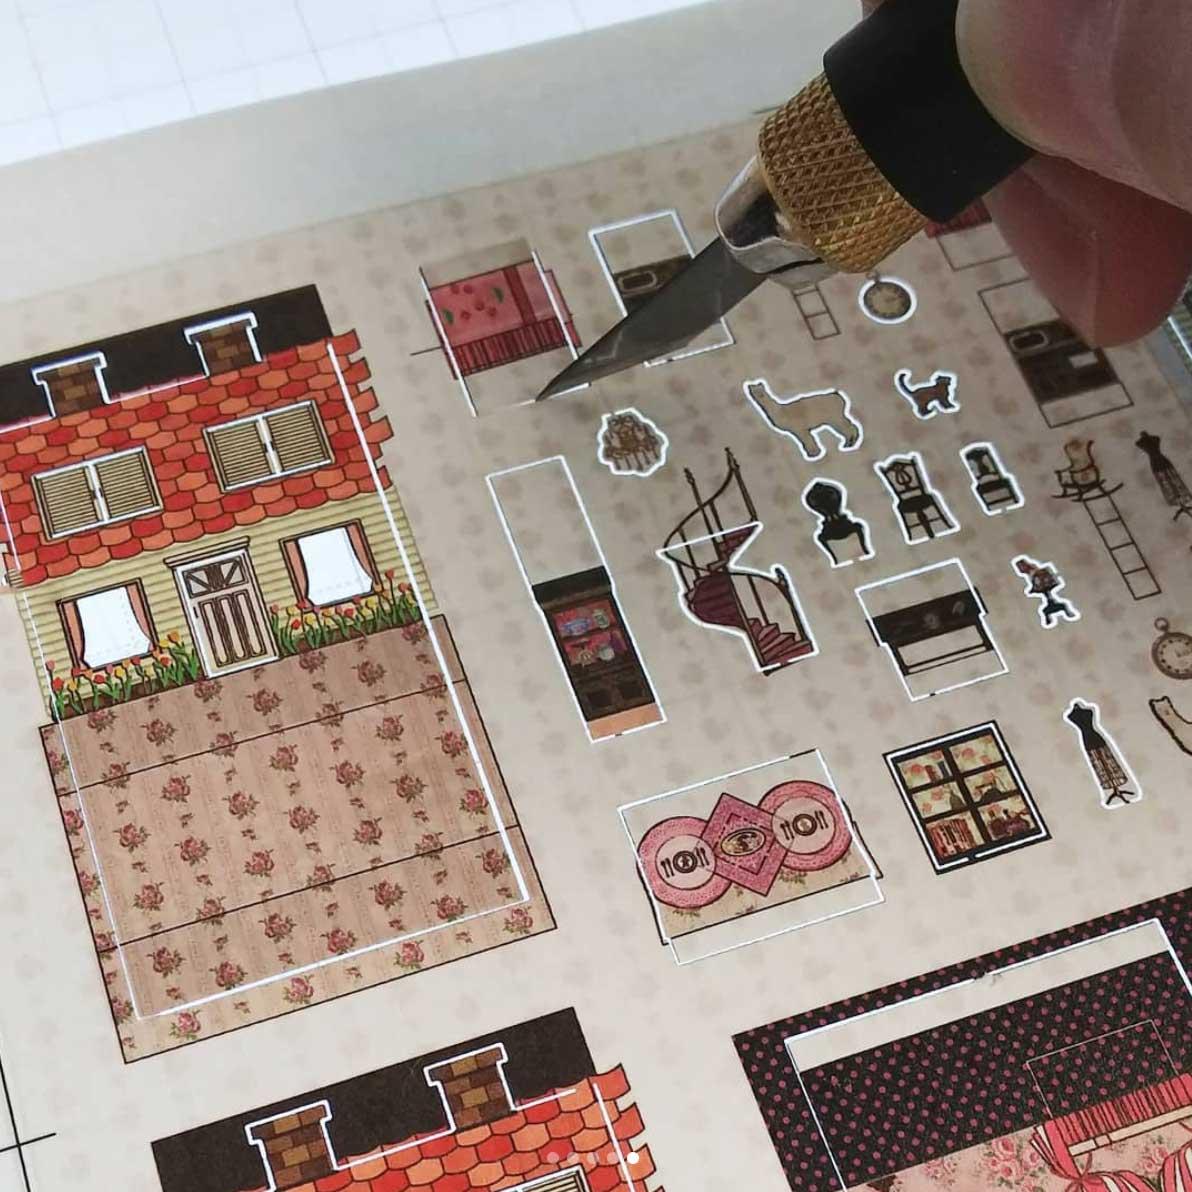 Miniatur-Pop-up-Bücher von Zhihui miniatur-pop-up-buecher-Zhihui_05